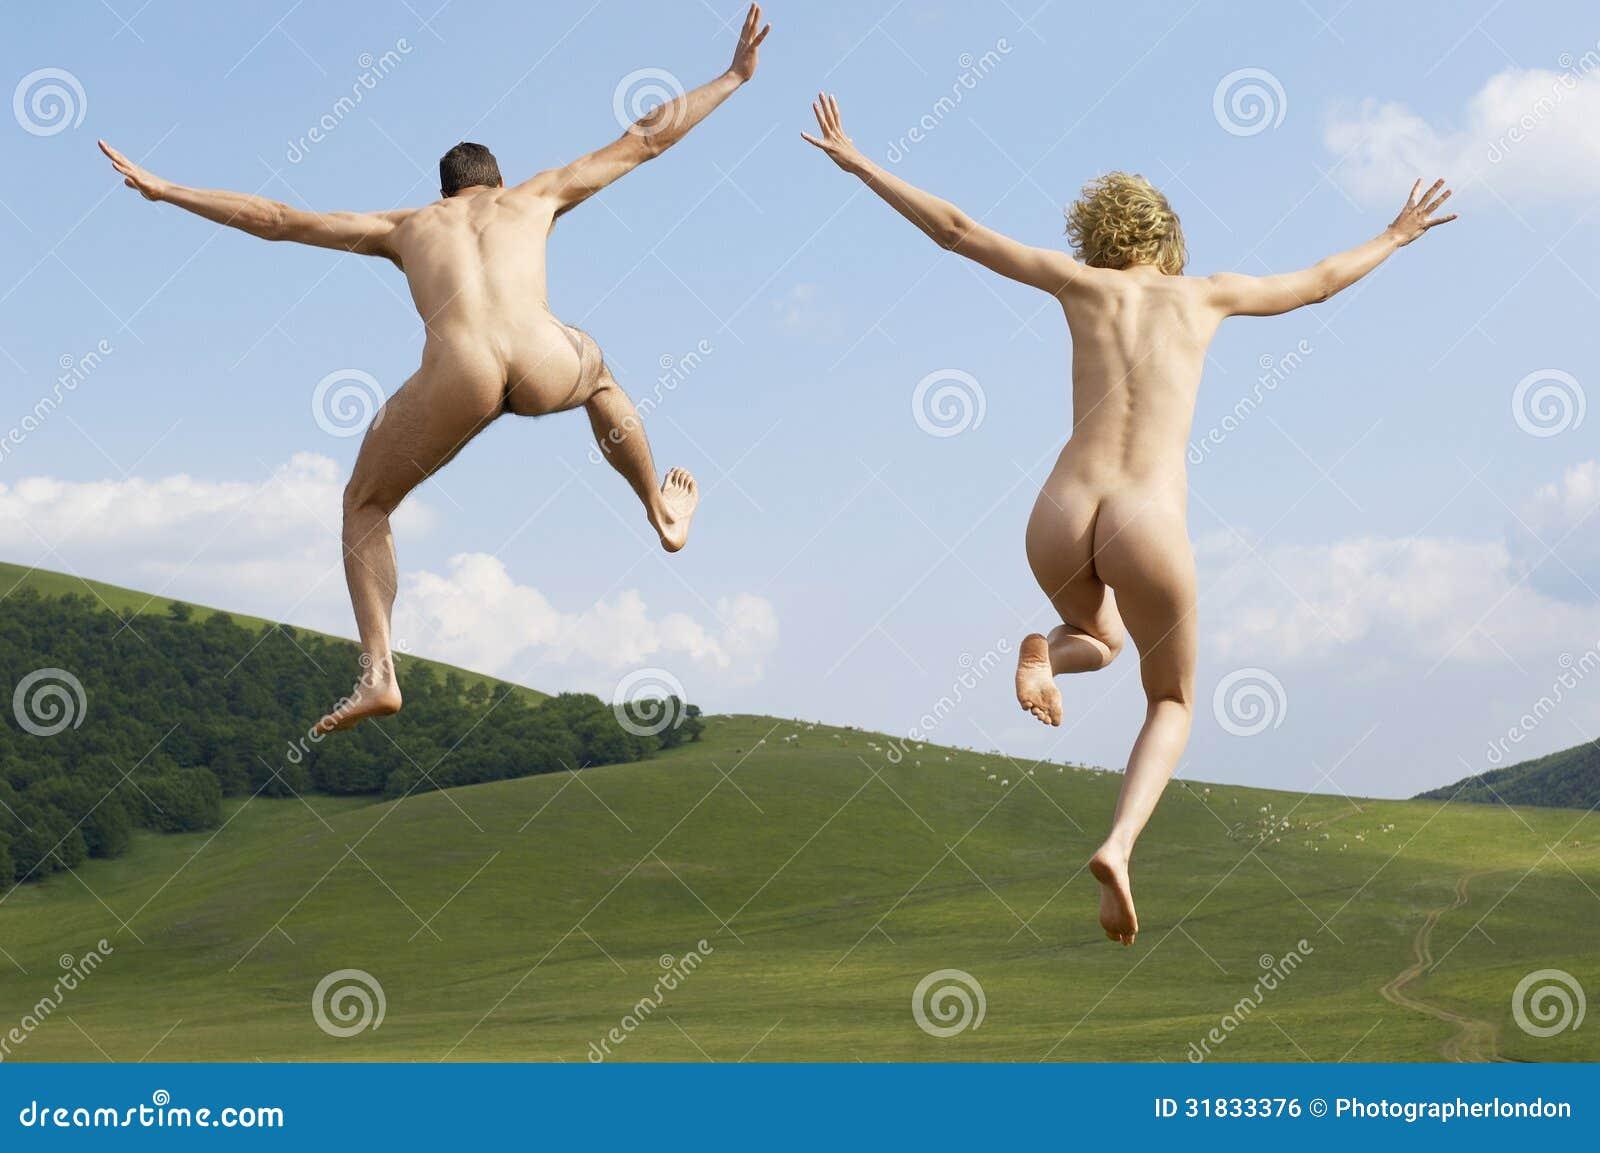 ¿Dónde están los límites de la pornografía? Pares-desnudos-con-el-salto-extendido-de-los-brazos-en-parque-31833376